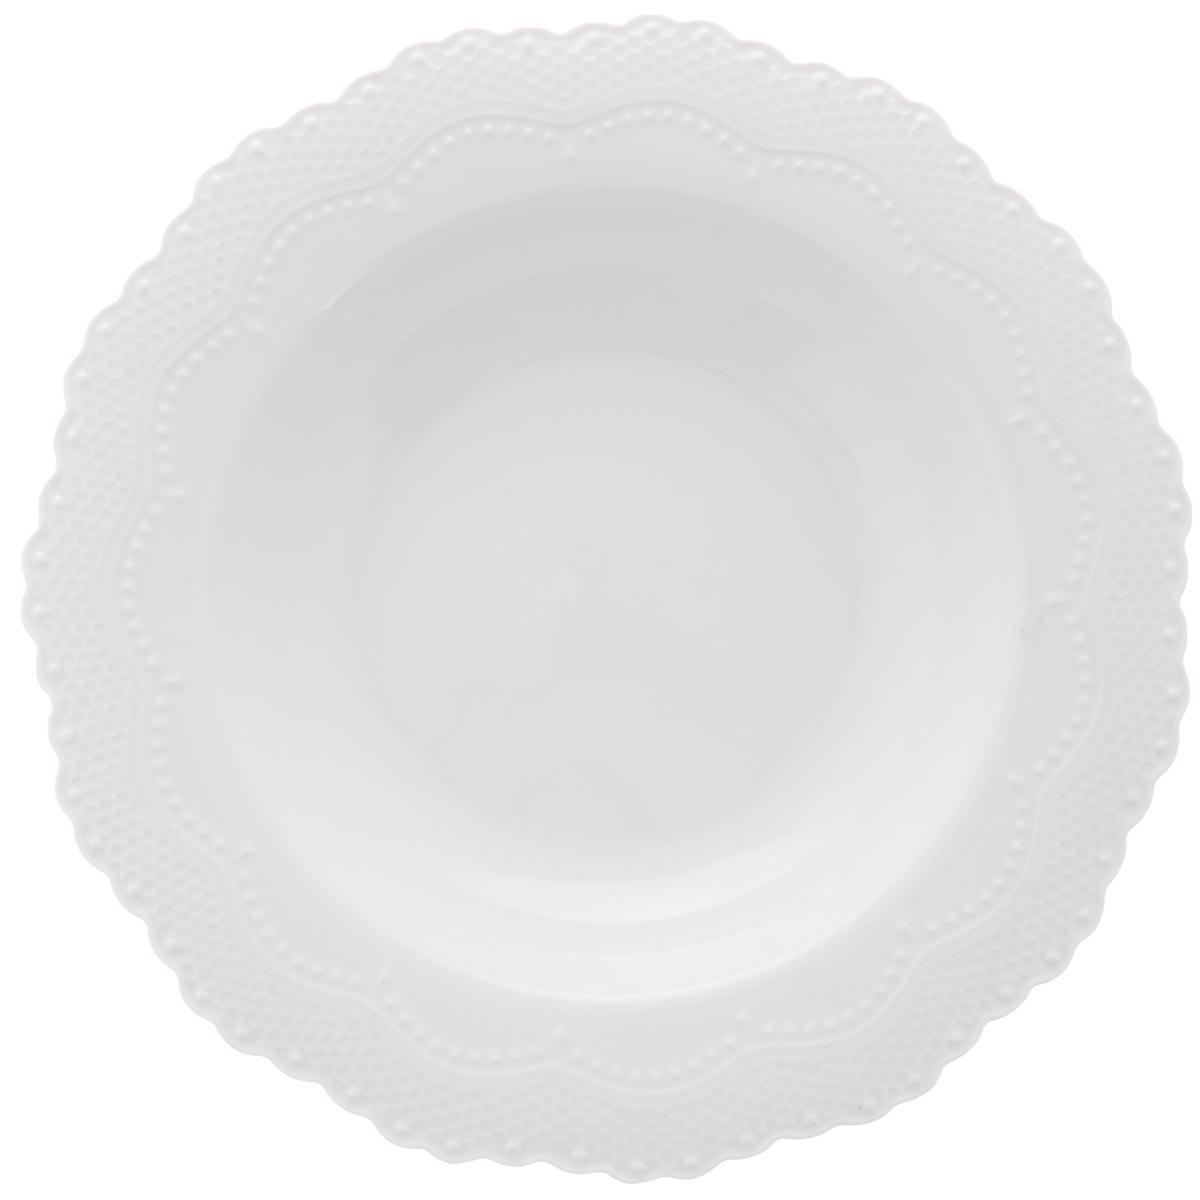 Тарелка суповая Walmer Vivien, цвет: белый, диаметр 22 см54 009312Суповая тарелка Walmer Vivien, изготовленная из высококачественного фарфора, имеет изысканный внешний вид. Яркий дизайн придется по вкусу и ценителям классики, и тем, кто предпочитает утонченность. Тарелка Walmer Vivien идеально подойдет для сервировки стола и станет отличным подарком к любому празднику.Можно мыть в посудомоечной машине. Диаметр (по верхнему краю): 22 см.